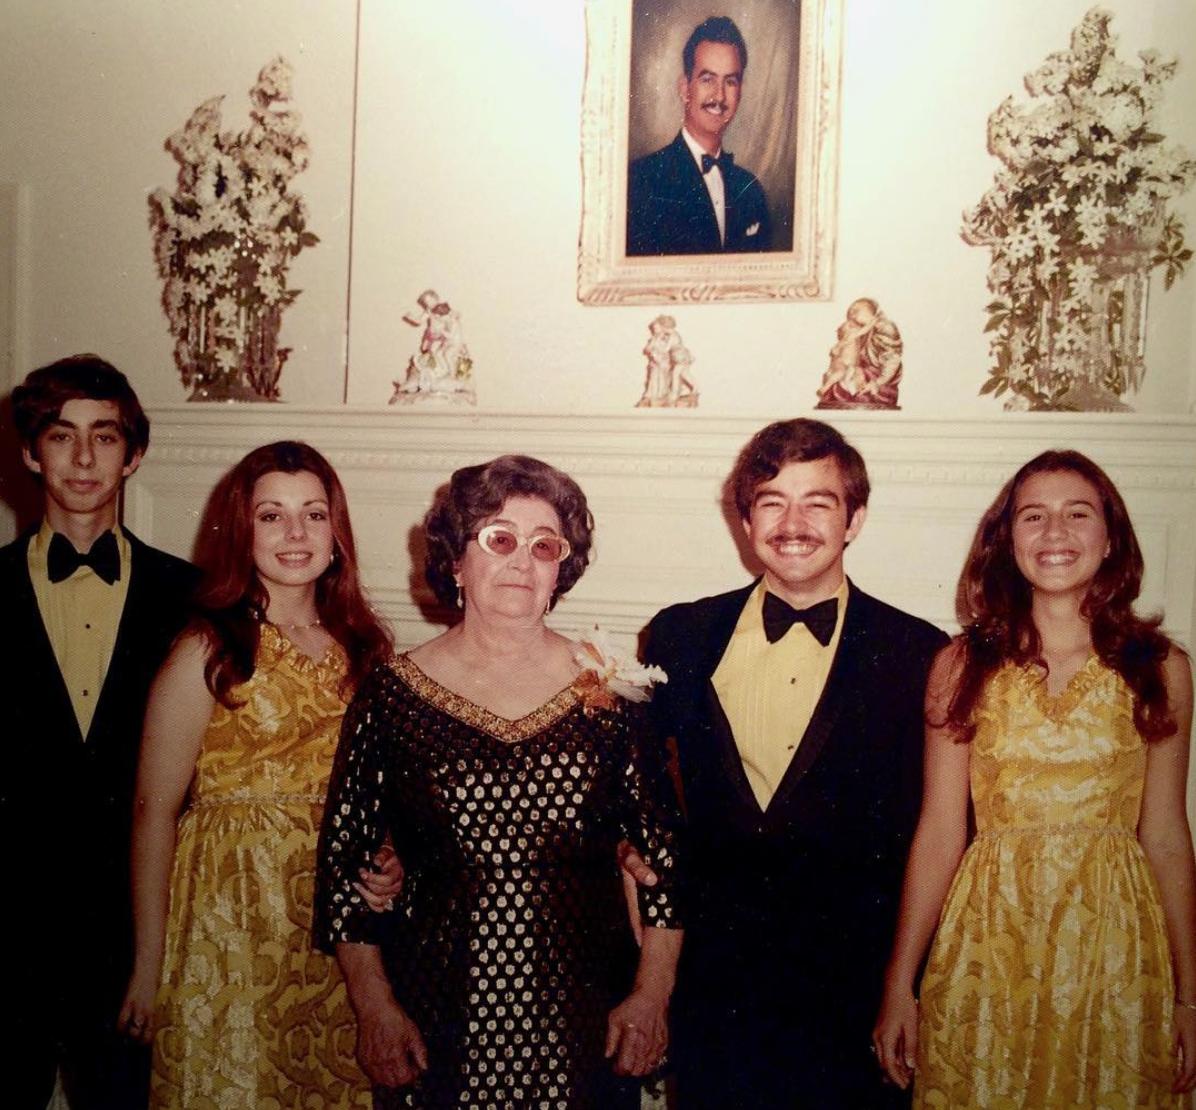 Uncle Andy, Aunt JoAnn, Grandma Alice, Pop & Tia Alice in San Antonio, Texas.